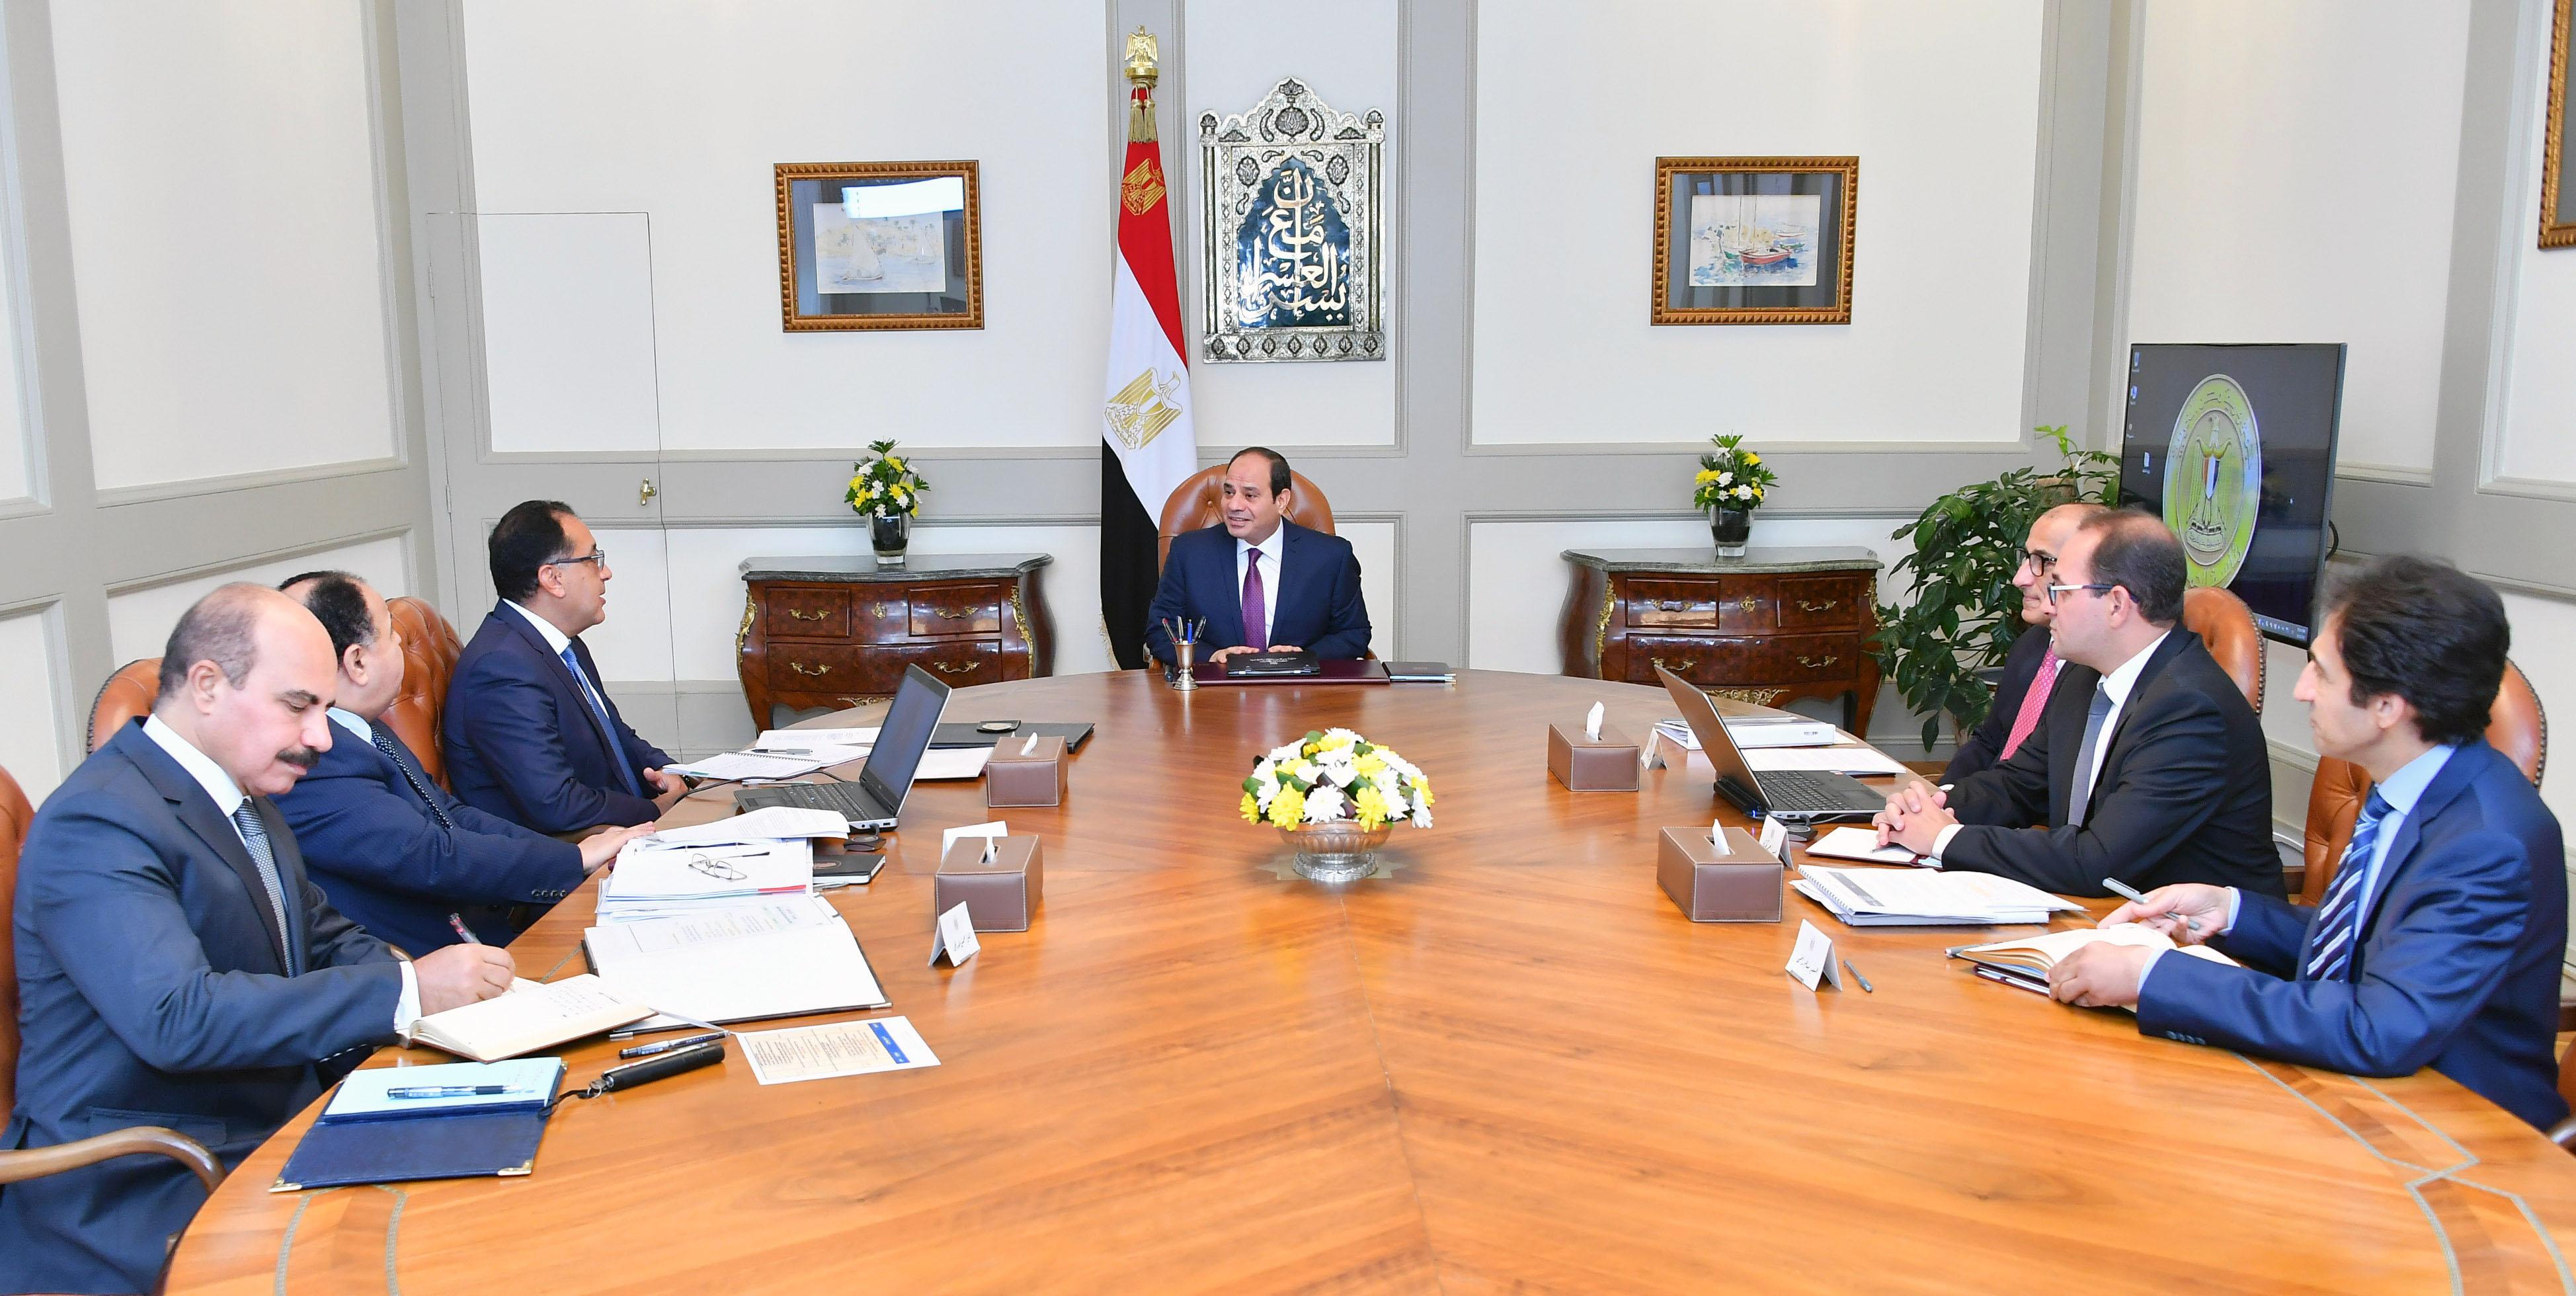 صور اجتماع السيسى مع وزير المالية (1)